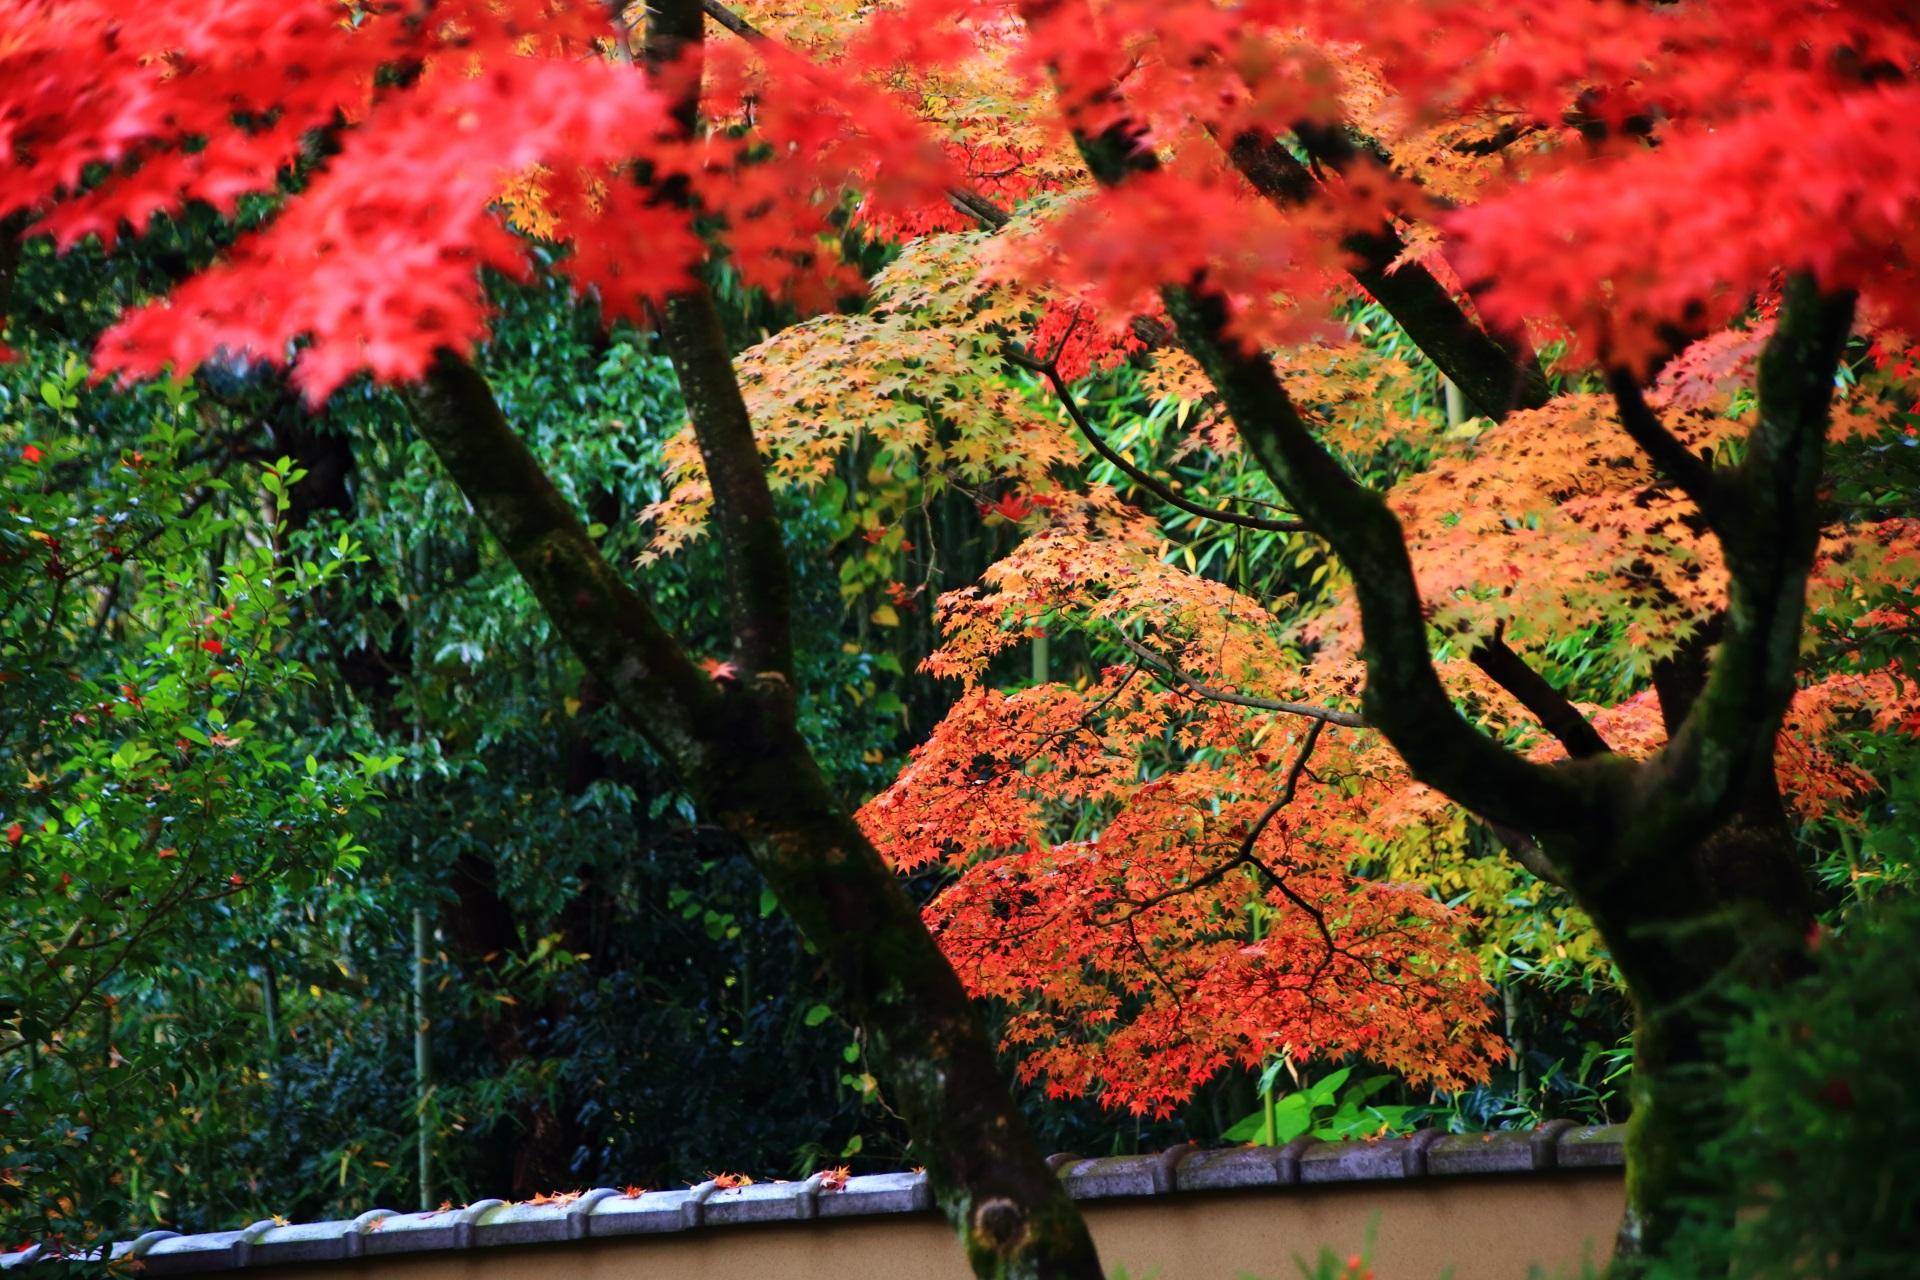 後ろの緑に映える華やかな色とりどりの紅葉